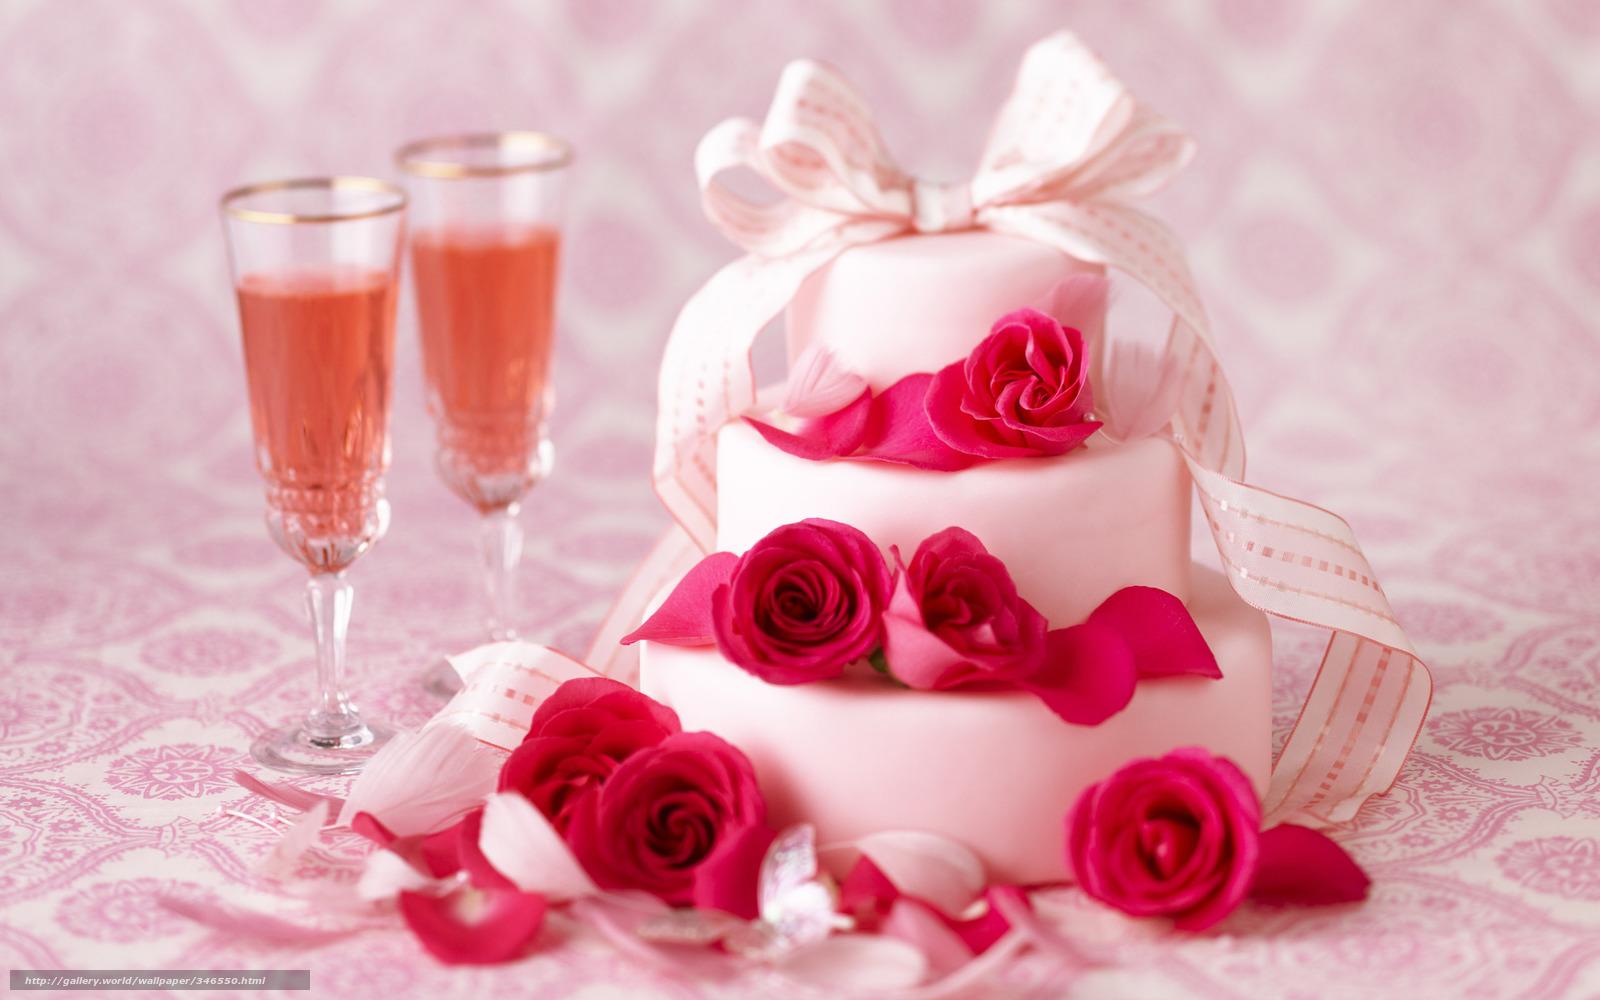 Поздравления с днем рождения женщине романтическое